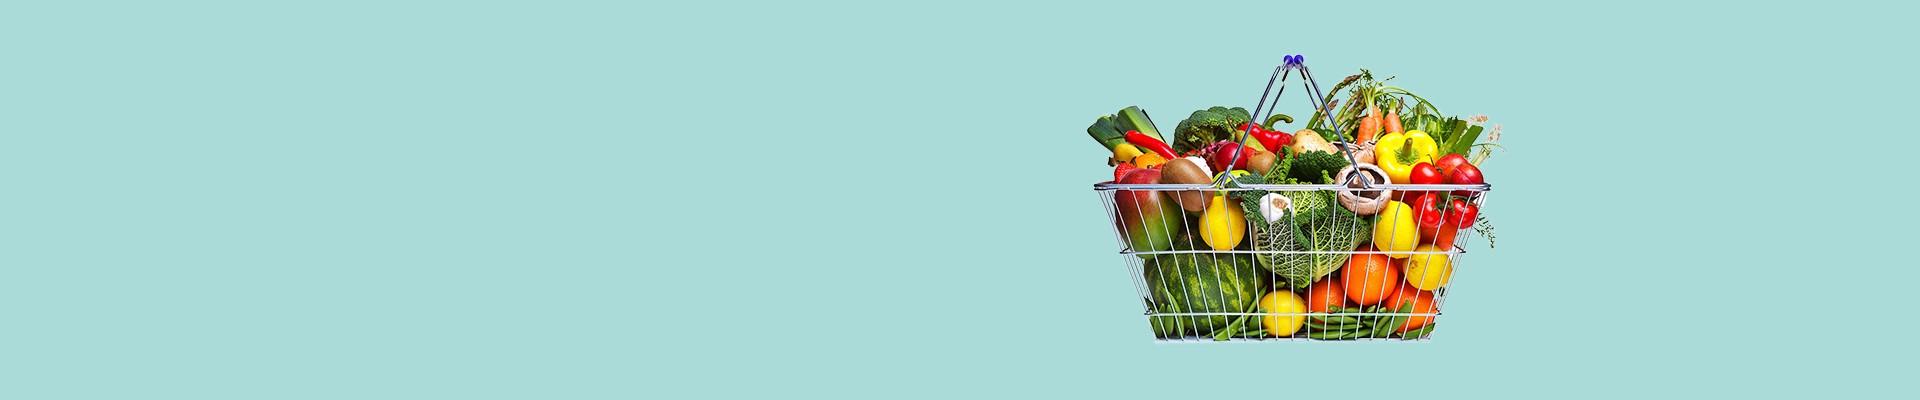 Jual Vitamin & Nutrisi - Harga Terbaik